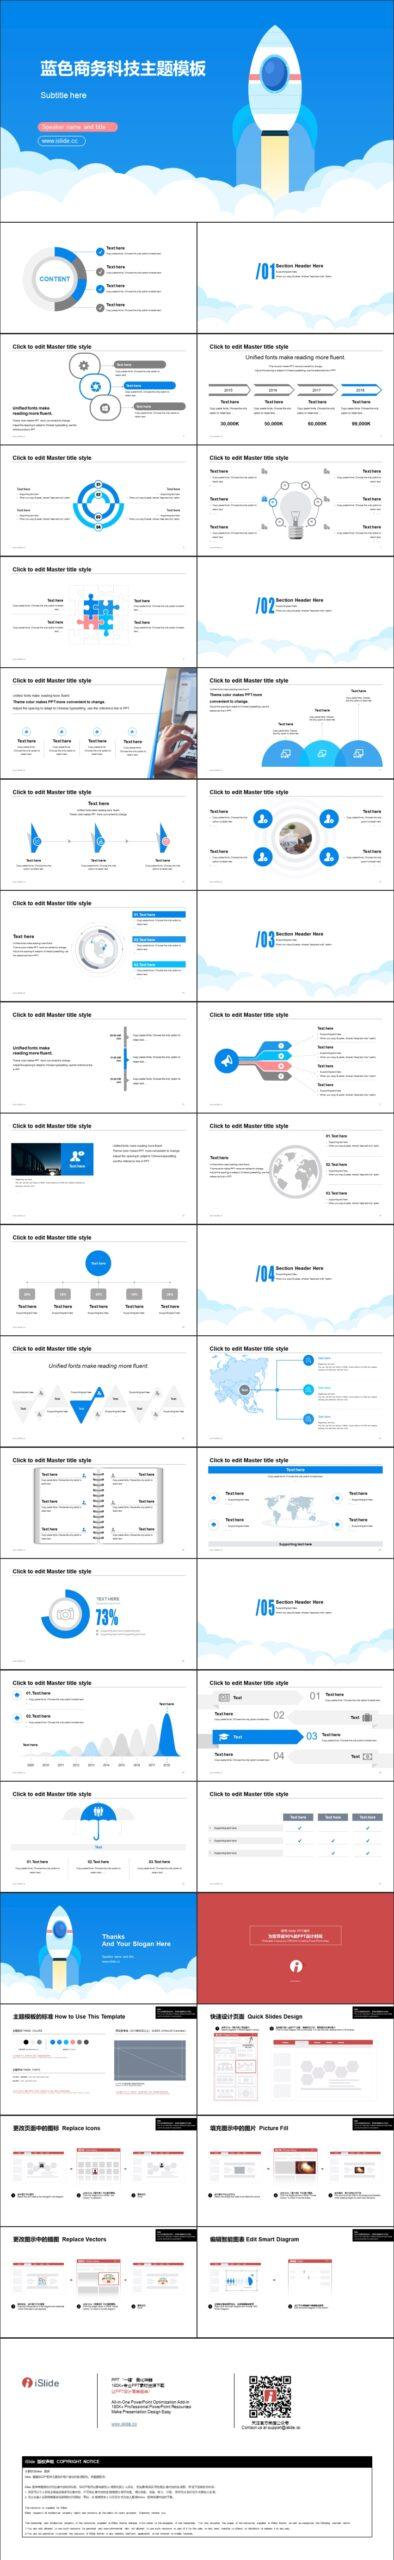 蓝色的火箭简约商务科技主题PPT模板下载_预览图2